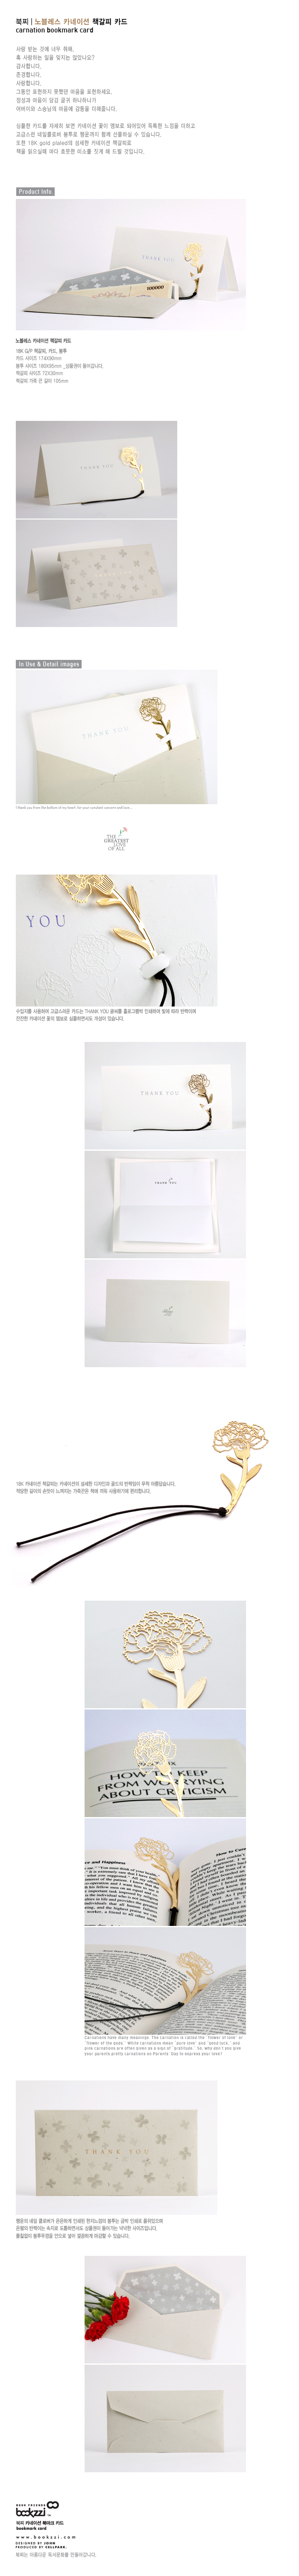 노블레스 카네이션 책갈피 카드 - 북프렌즈, 4,800원, 카드, 감사 카드